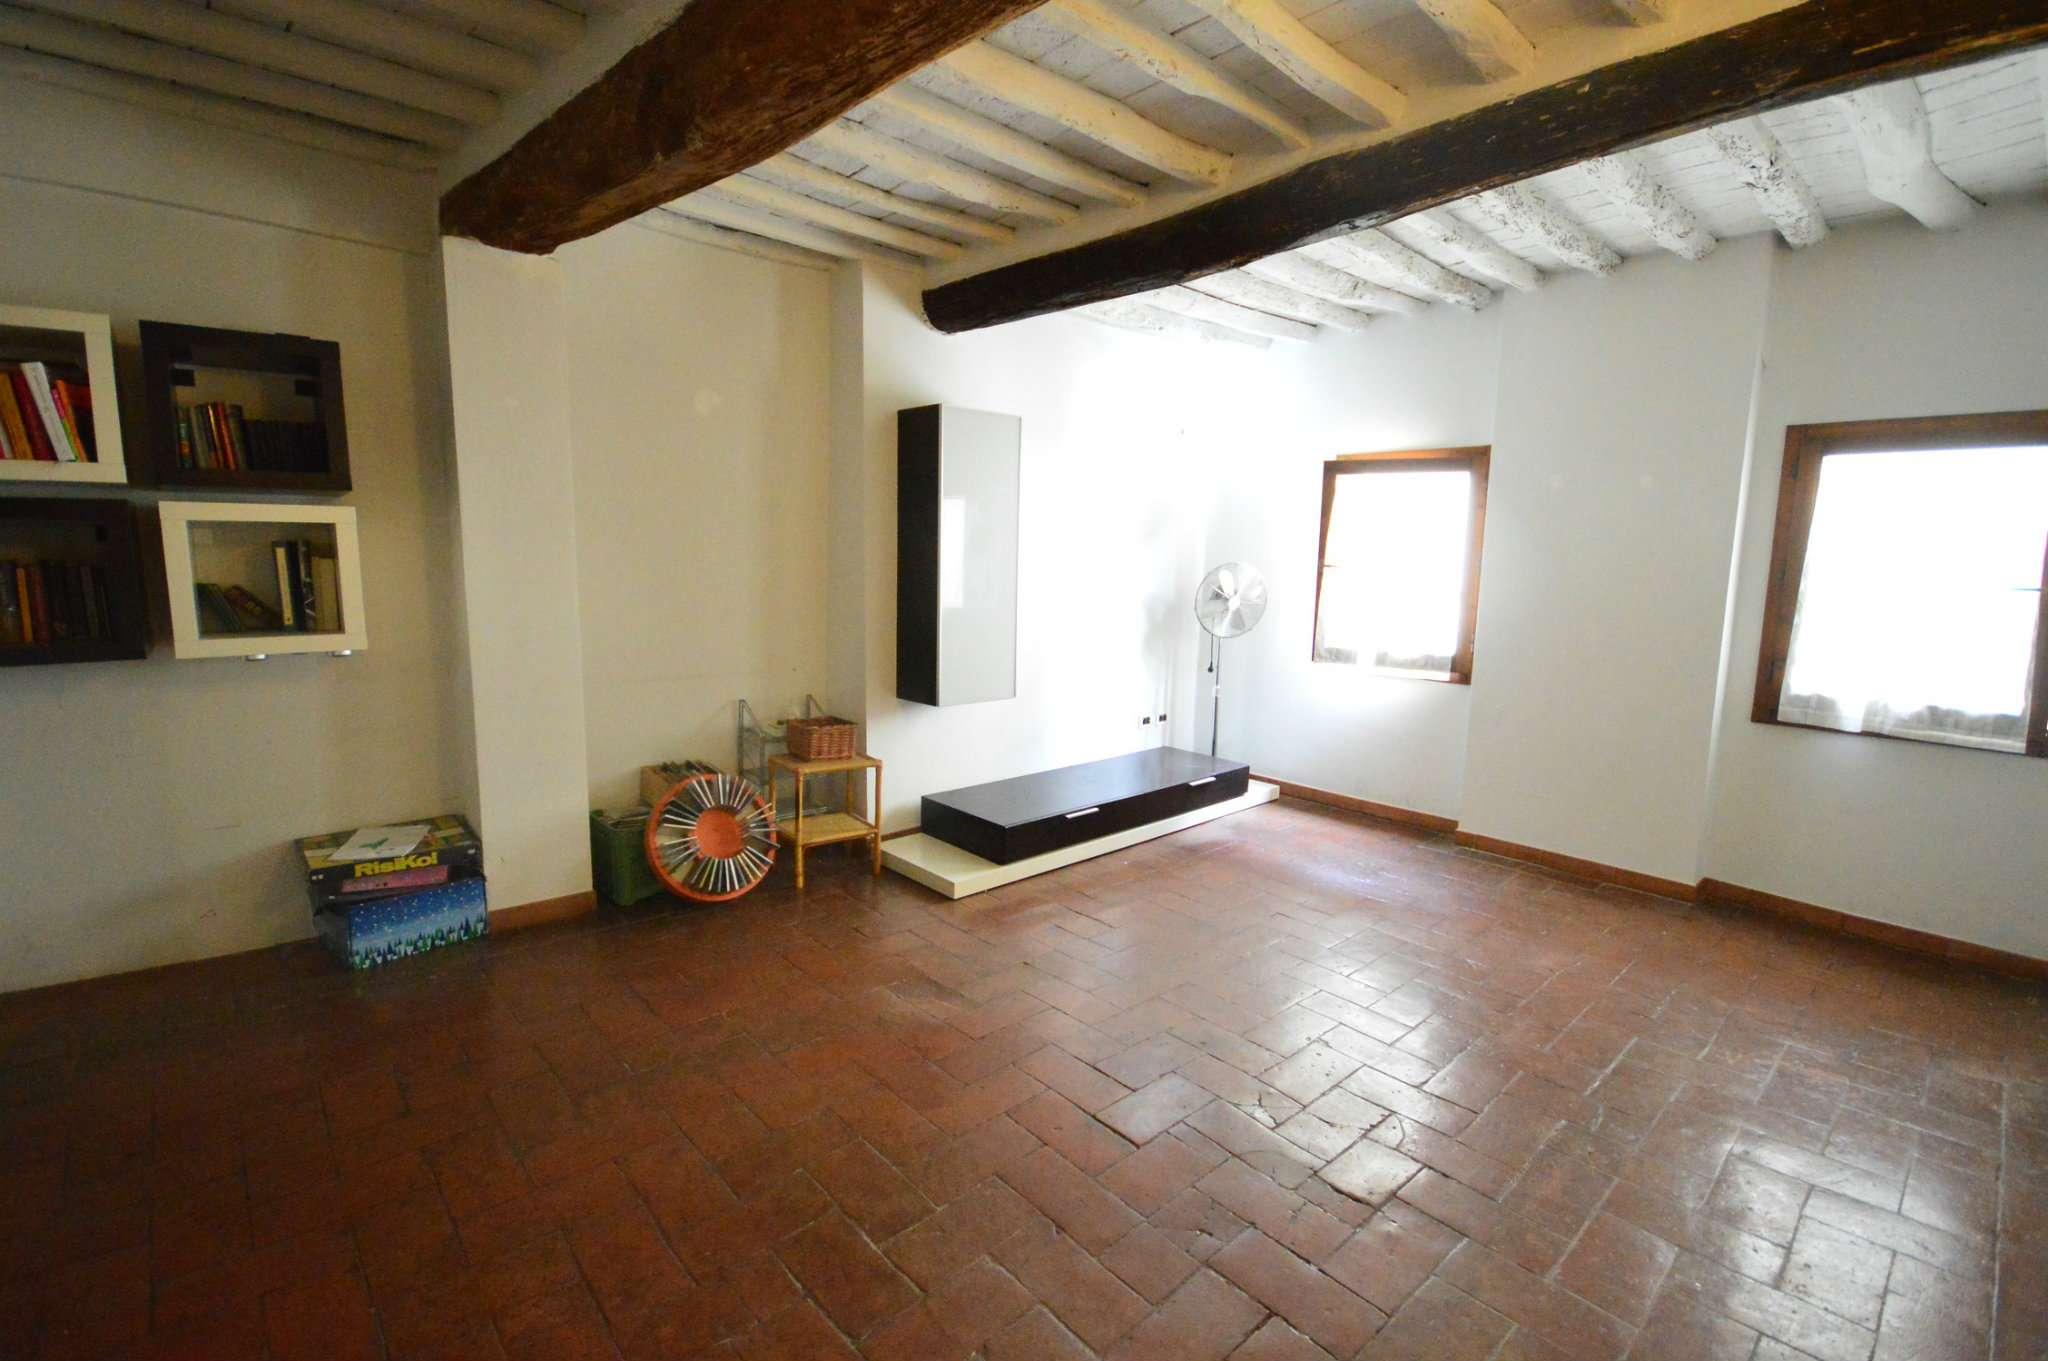 Appartamento in vendita a Montevarchi, 4 locali, prezzo € 120.000 | CambioCasa.it